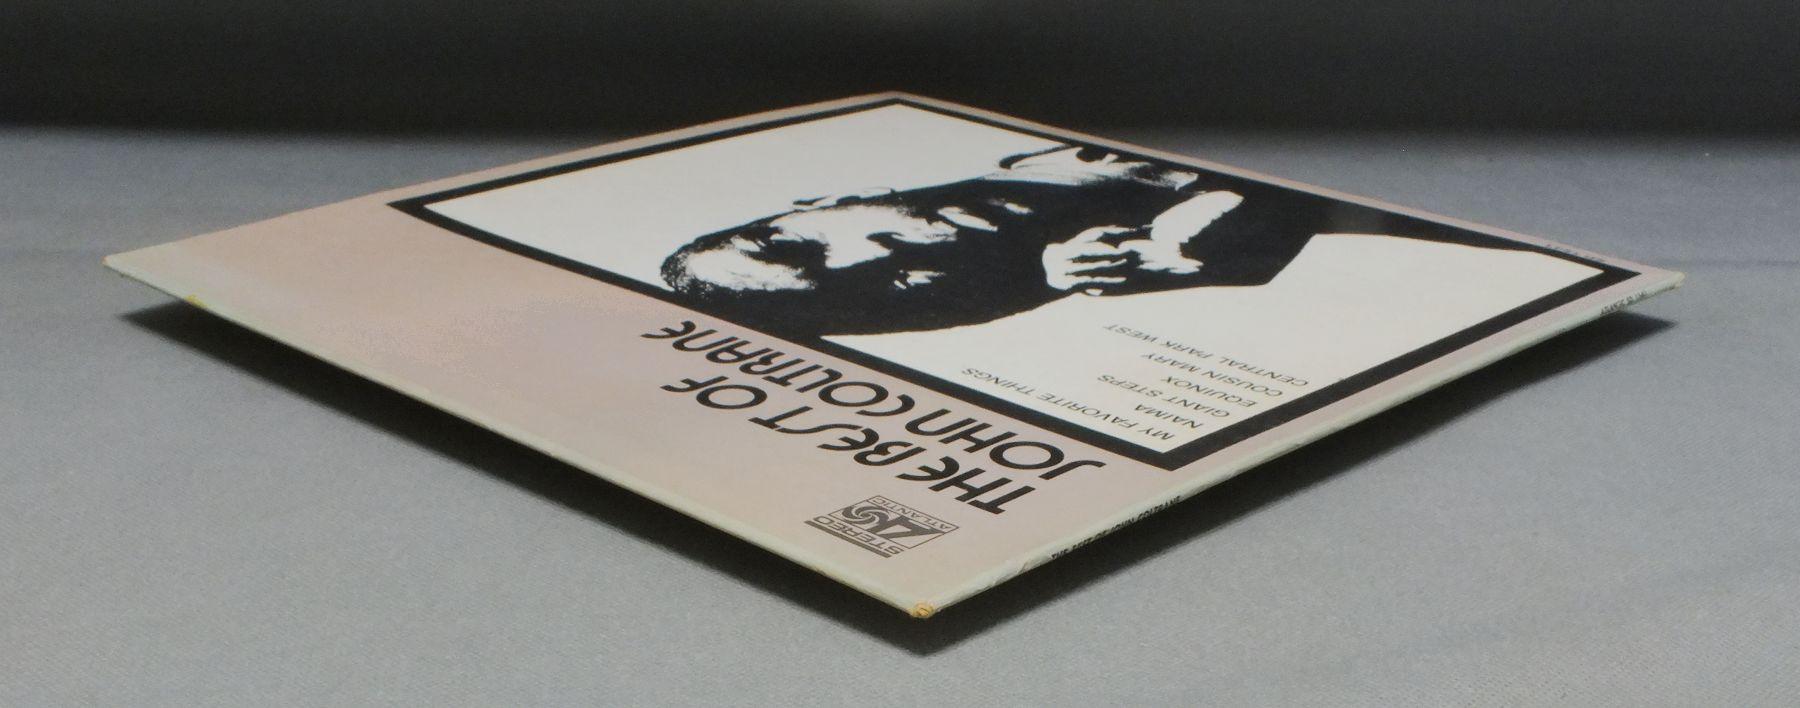 JOHN COLTRANE BEST OF JOHN COLTRANE